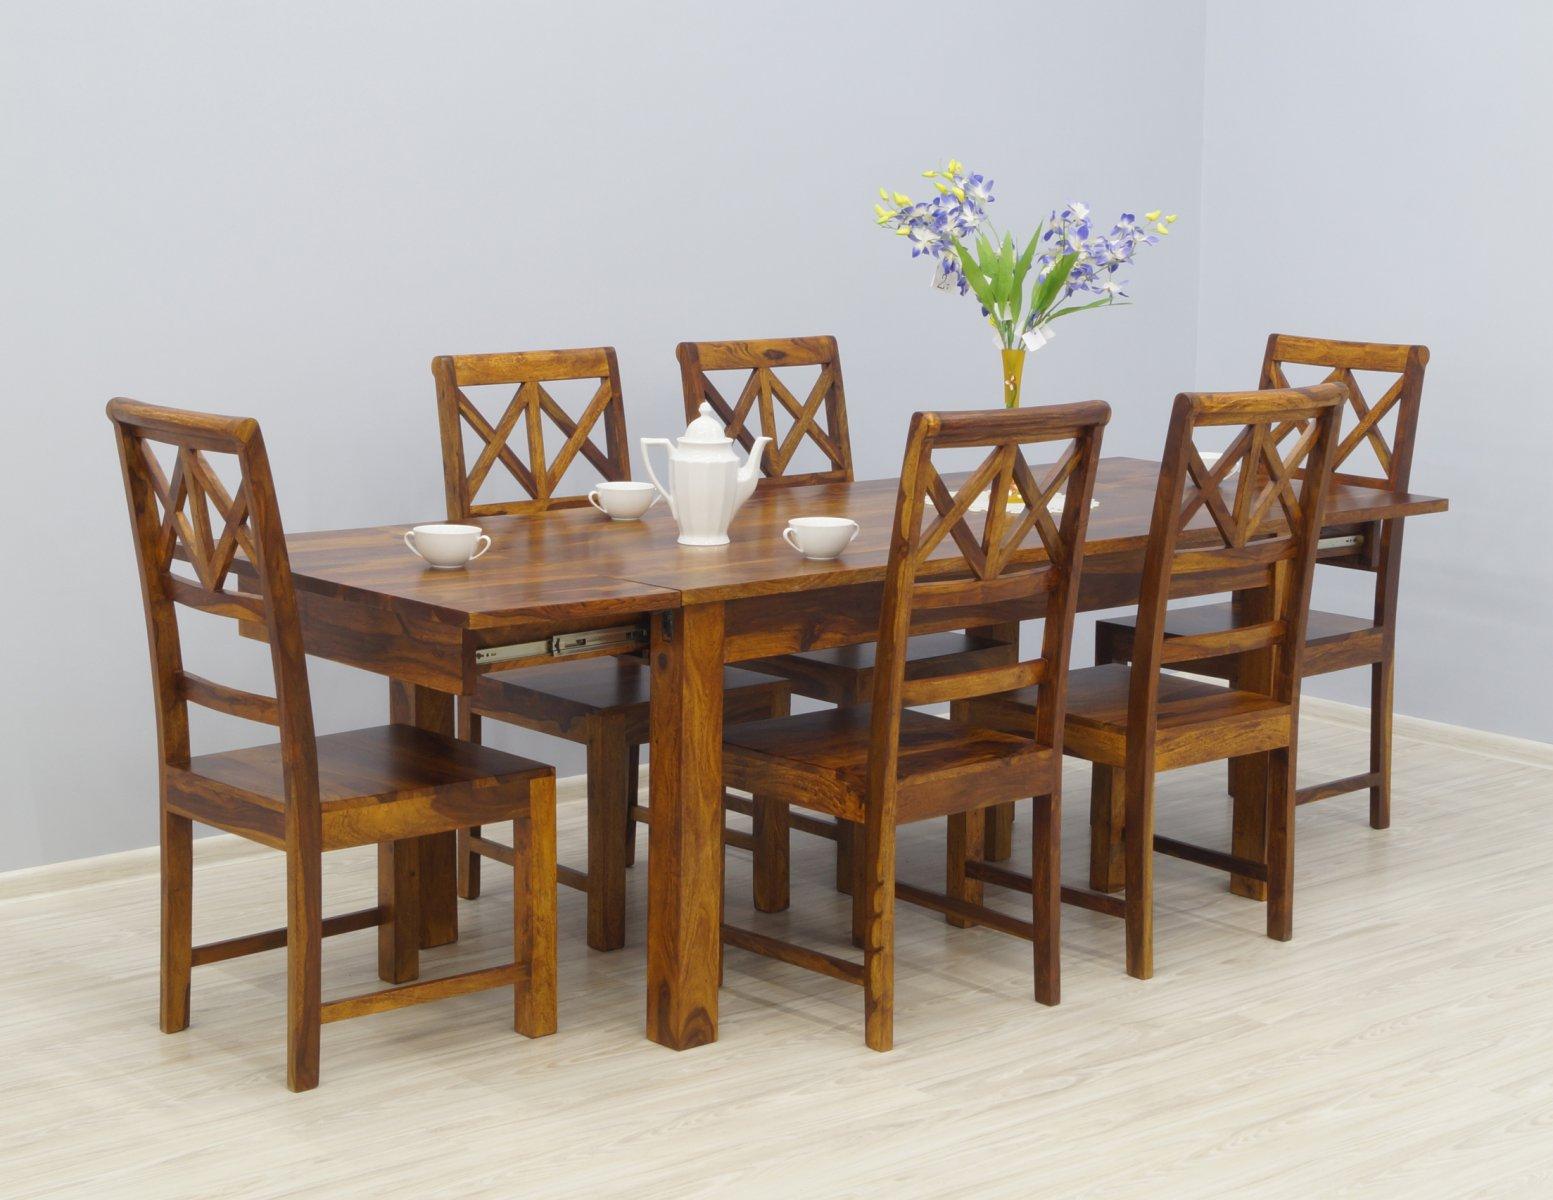 Komplet obiadowy kolonialny stół rozkładany + 6 krzeseł lite drewno palisander miodowy brąz